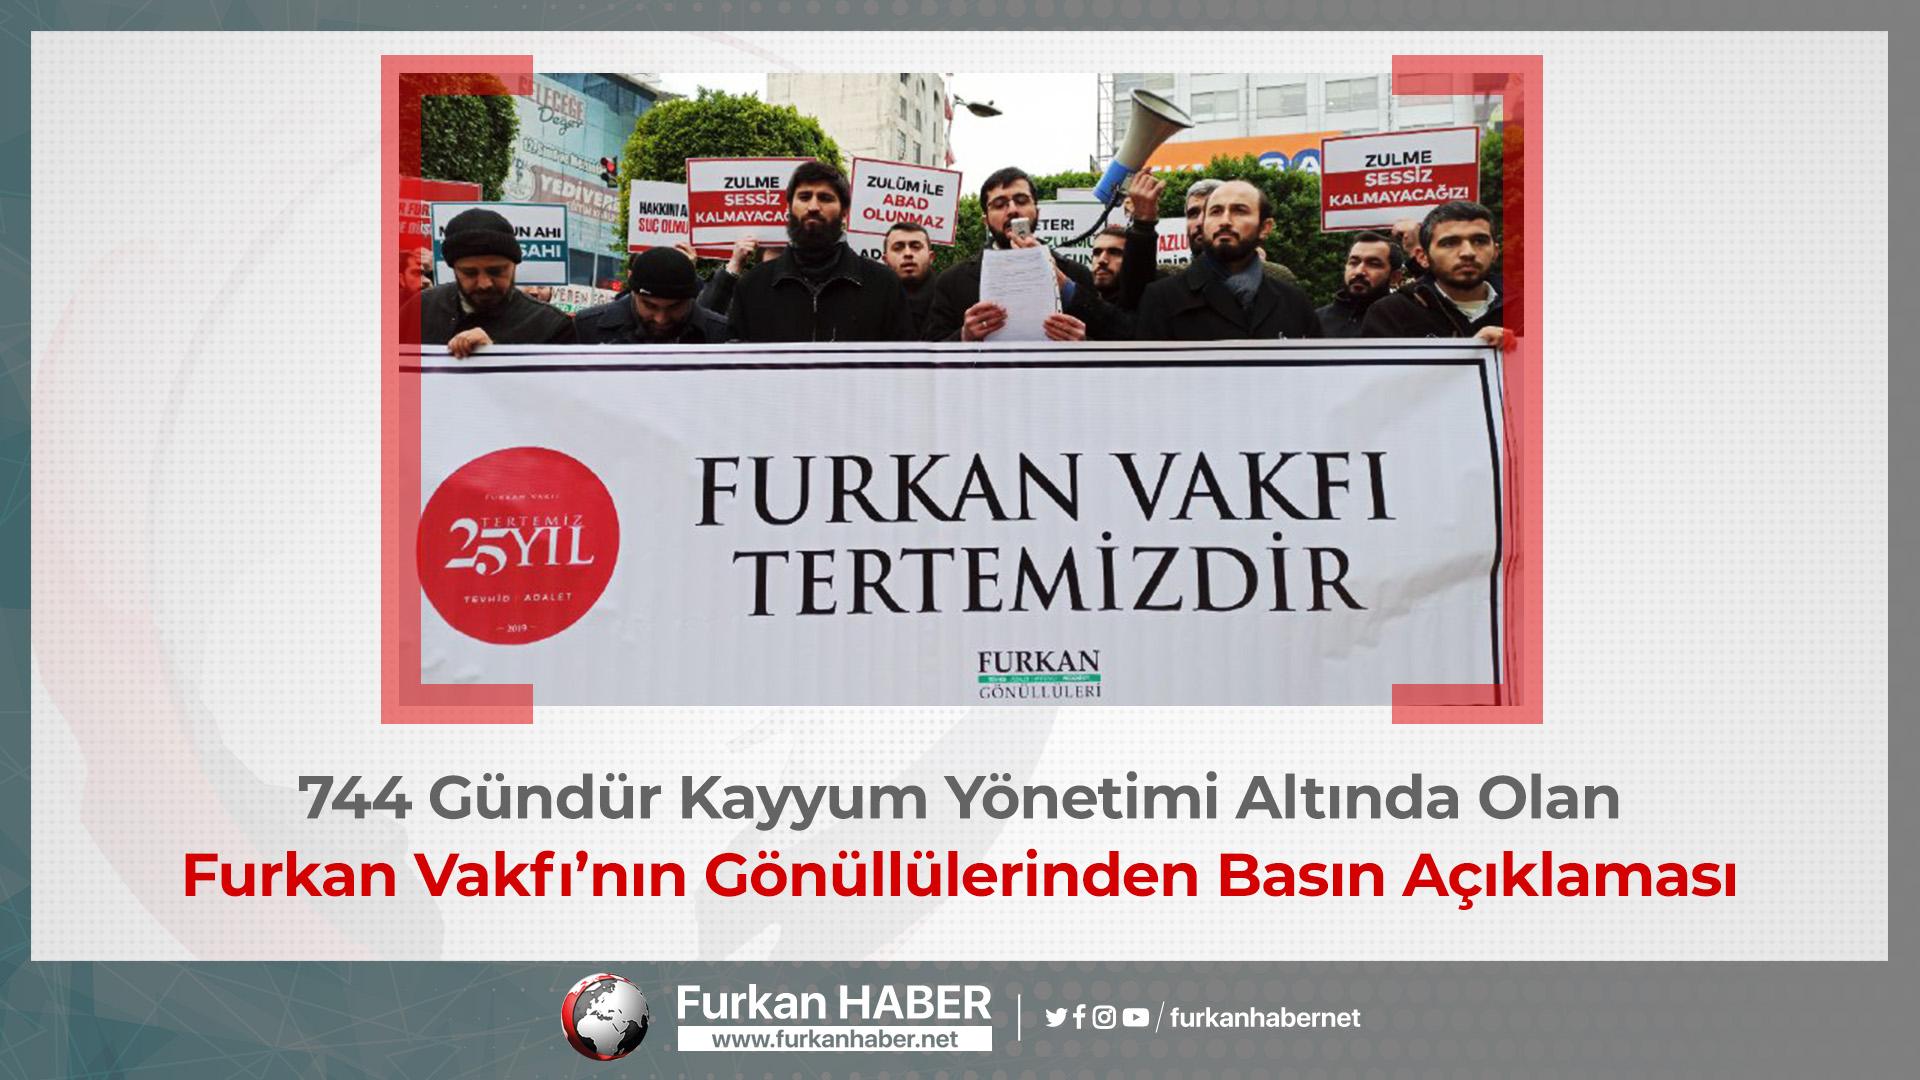 744 Gündür Kayyum Yönetimi Altında Olan Furkan Vakfı'nın Gönüllülerinden Basın Açıklaması